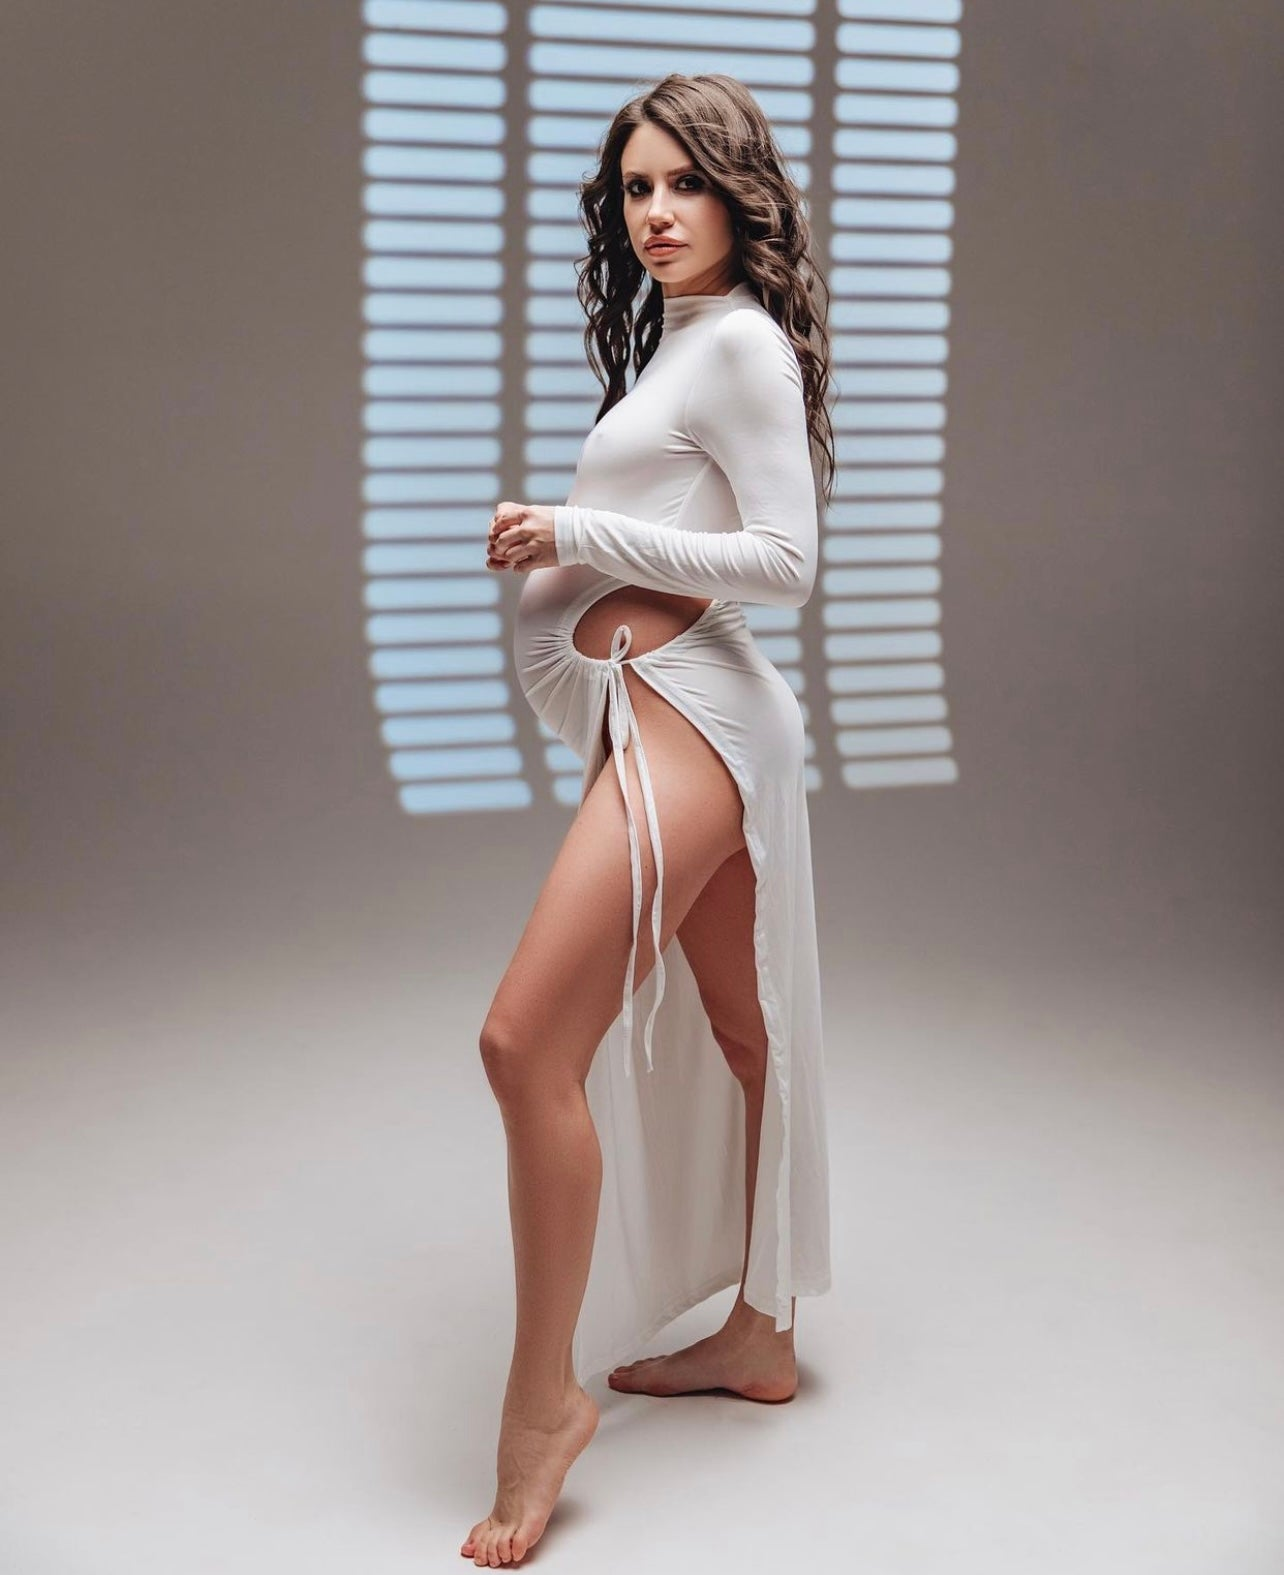 Image of Linda Sheer Dress